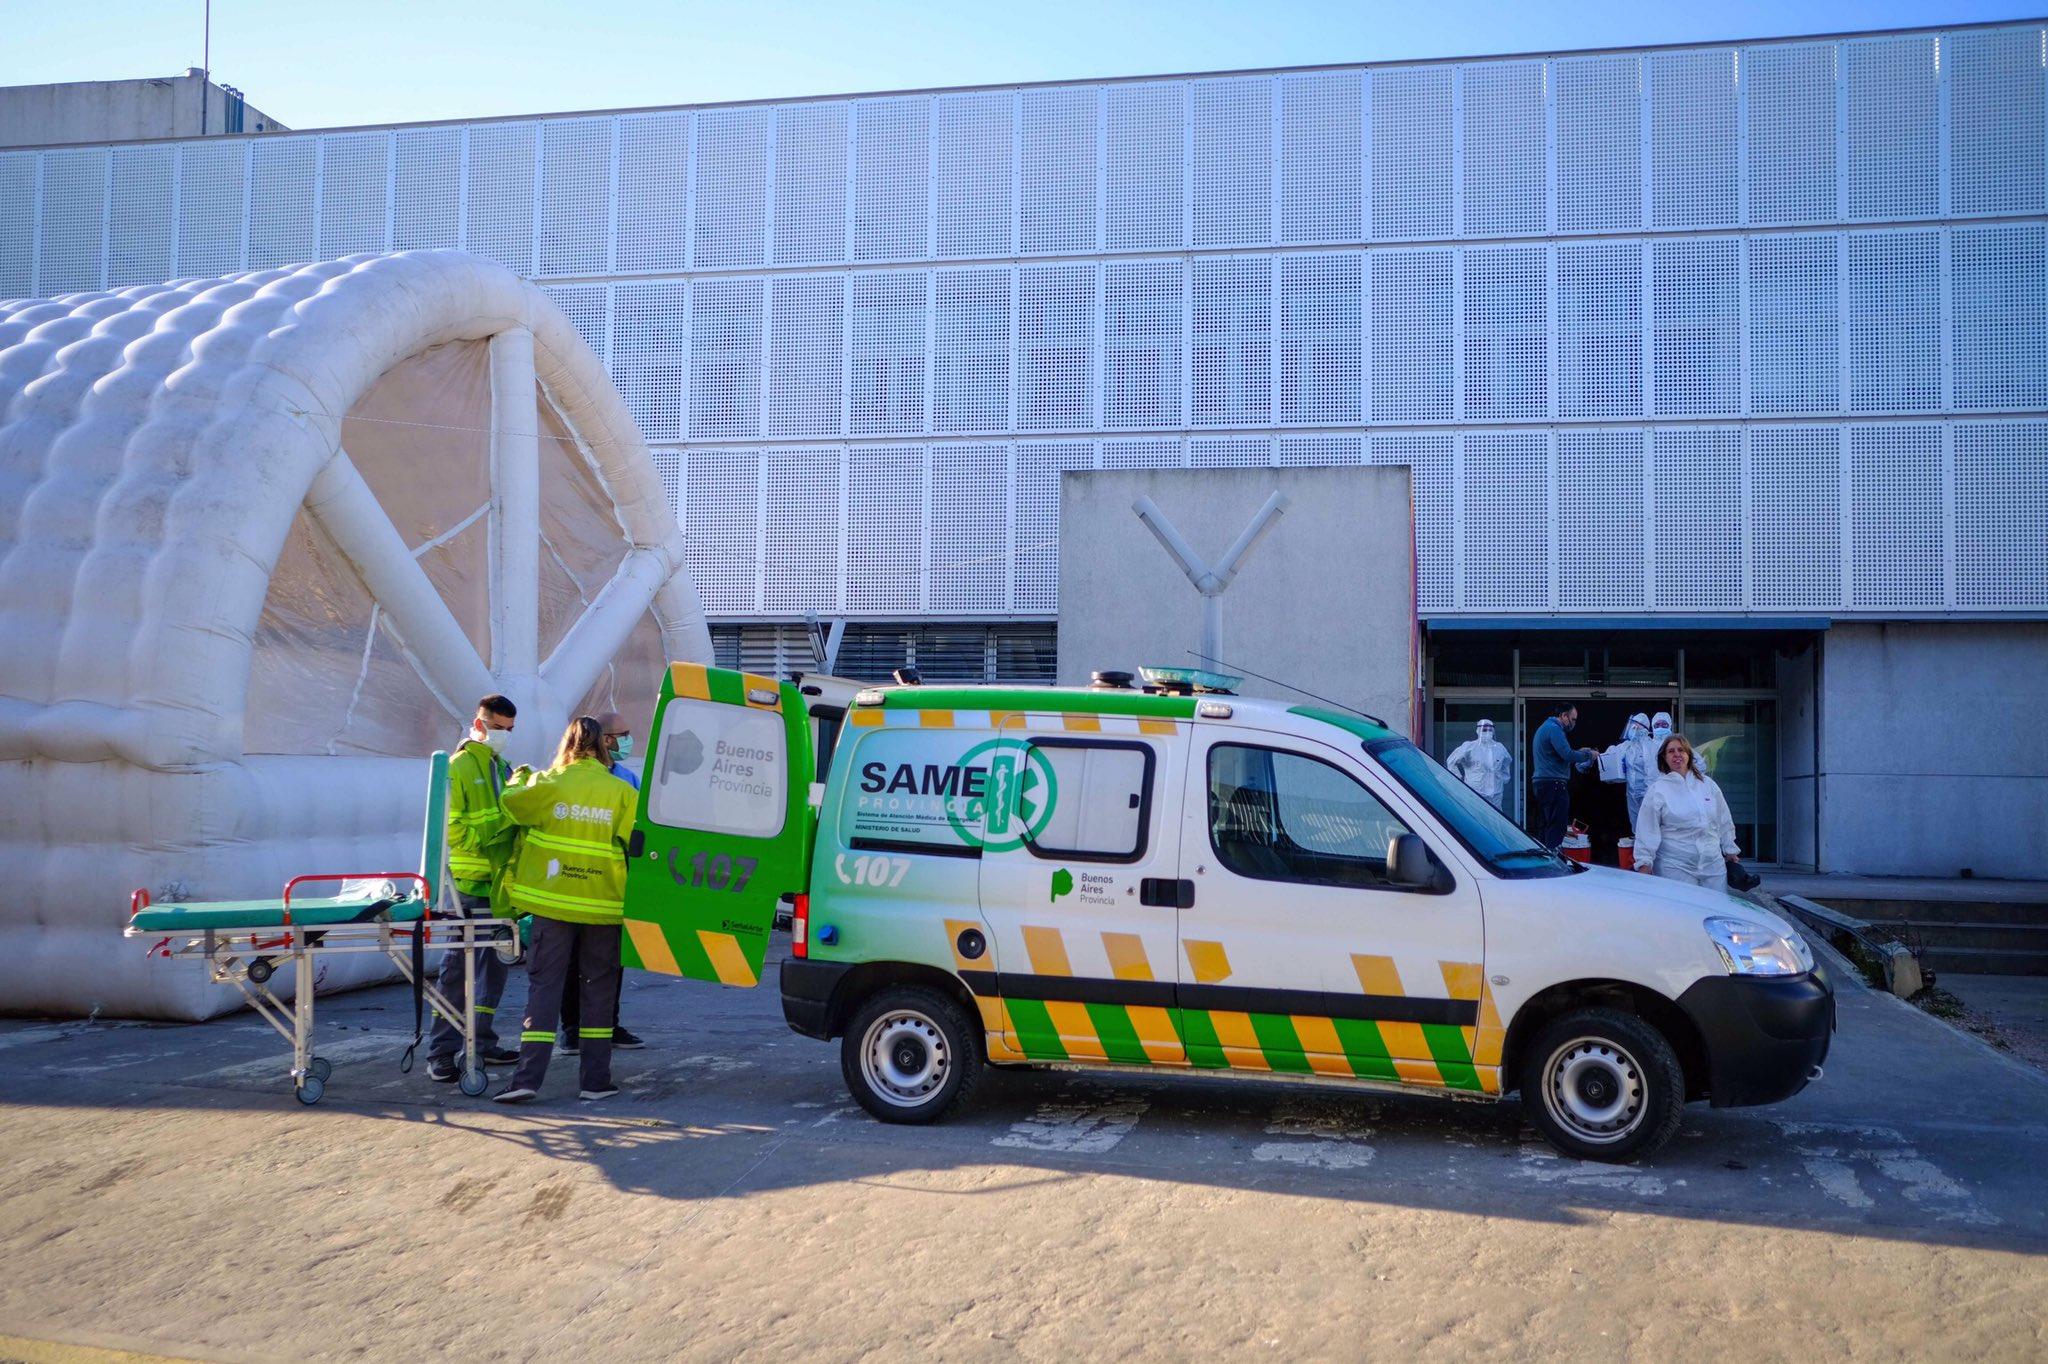 El SAME cubrirá la totalidad de las emergencias médicas de General Pueyrredon